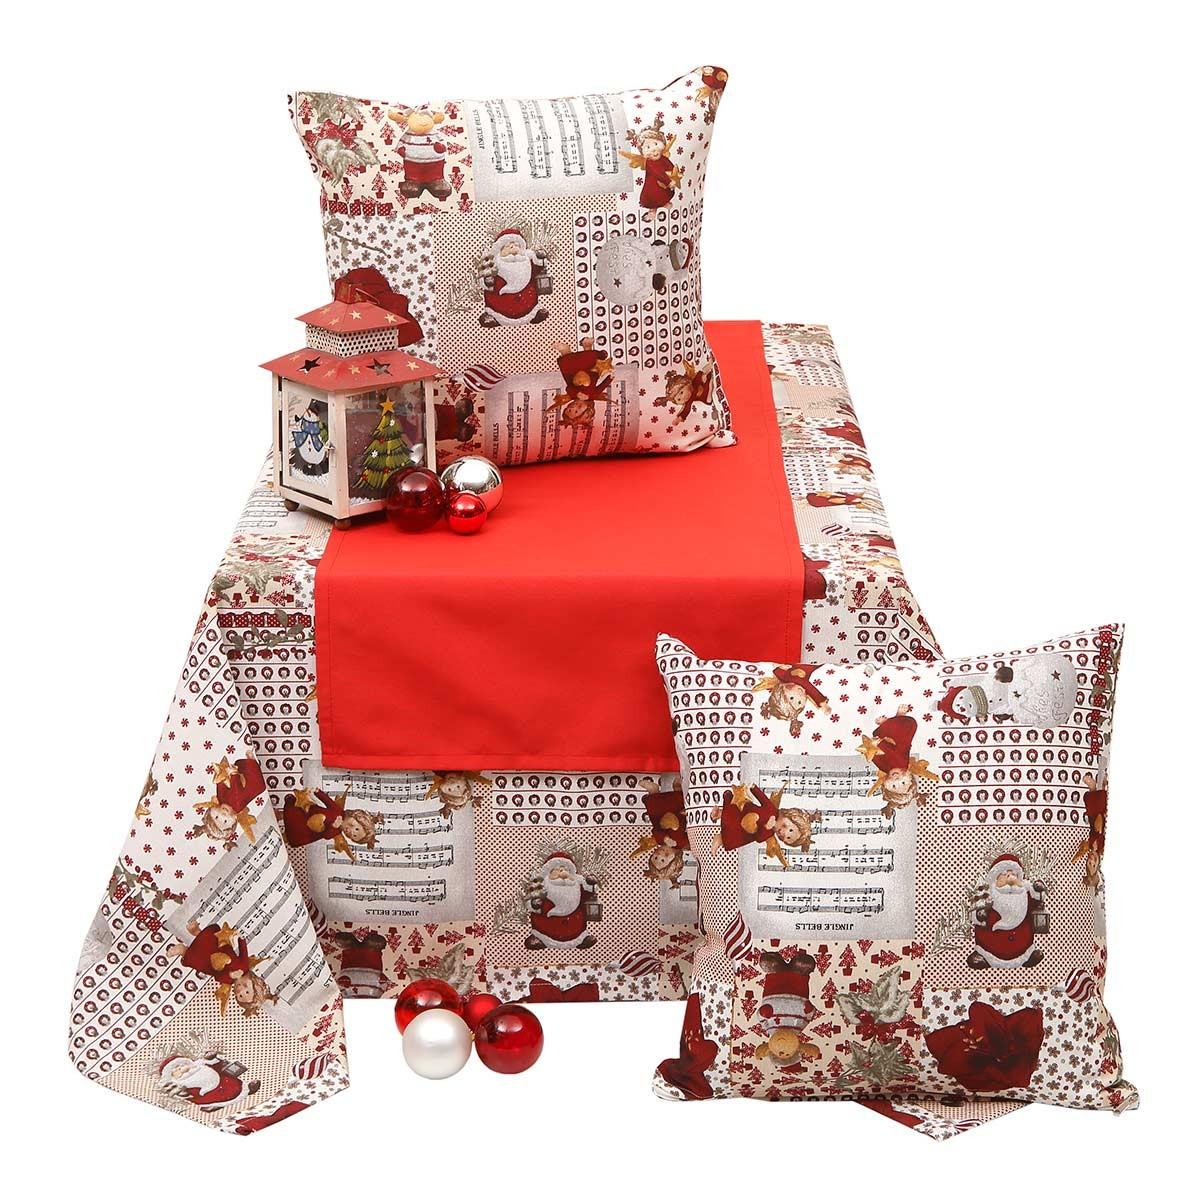 Χριστουγεννιάτικο Καρέ Viopros 4435